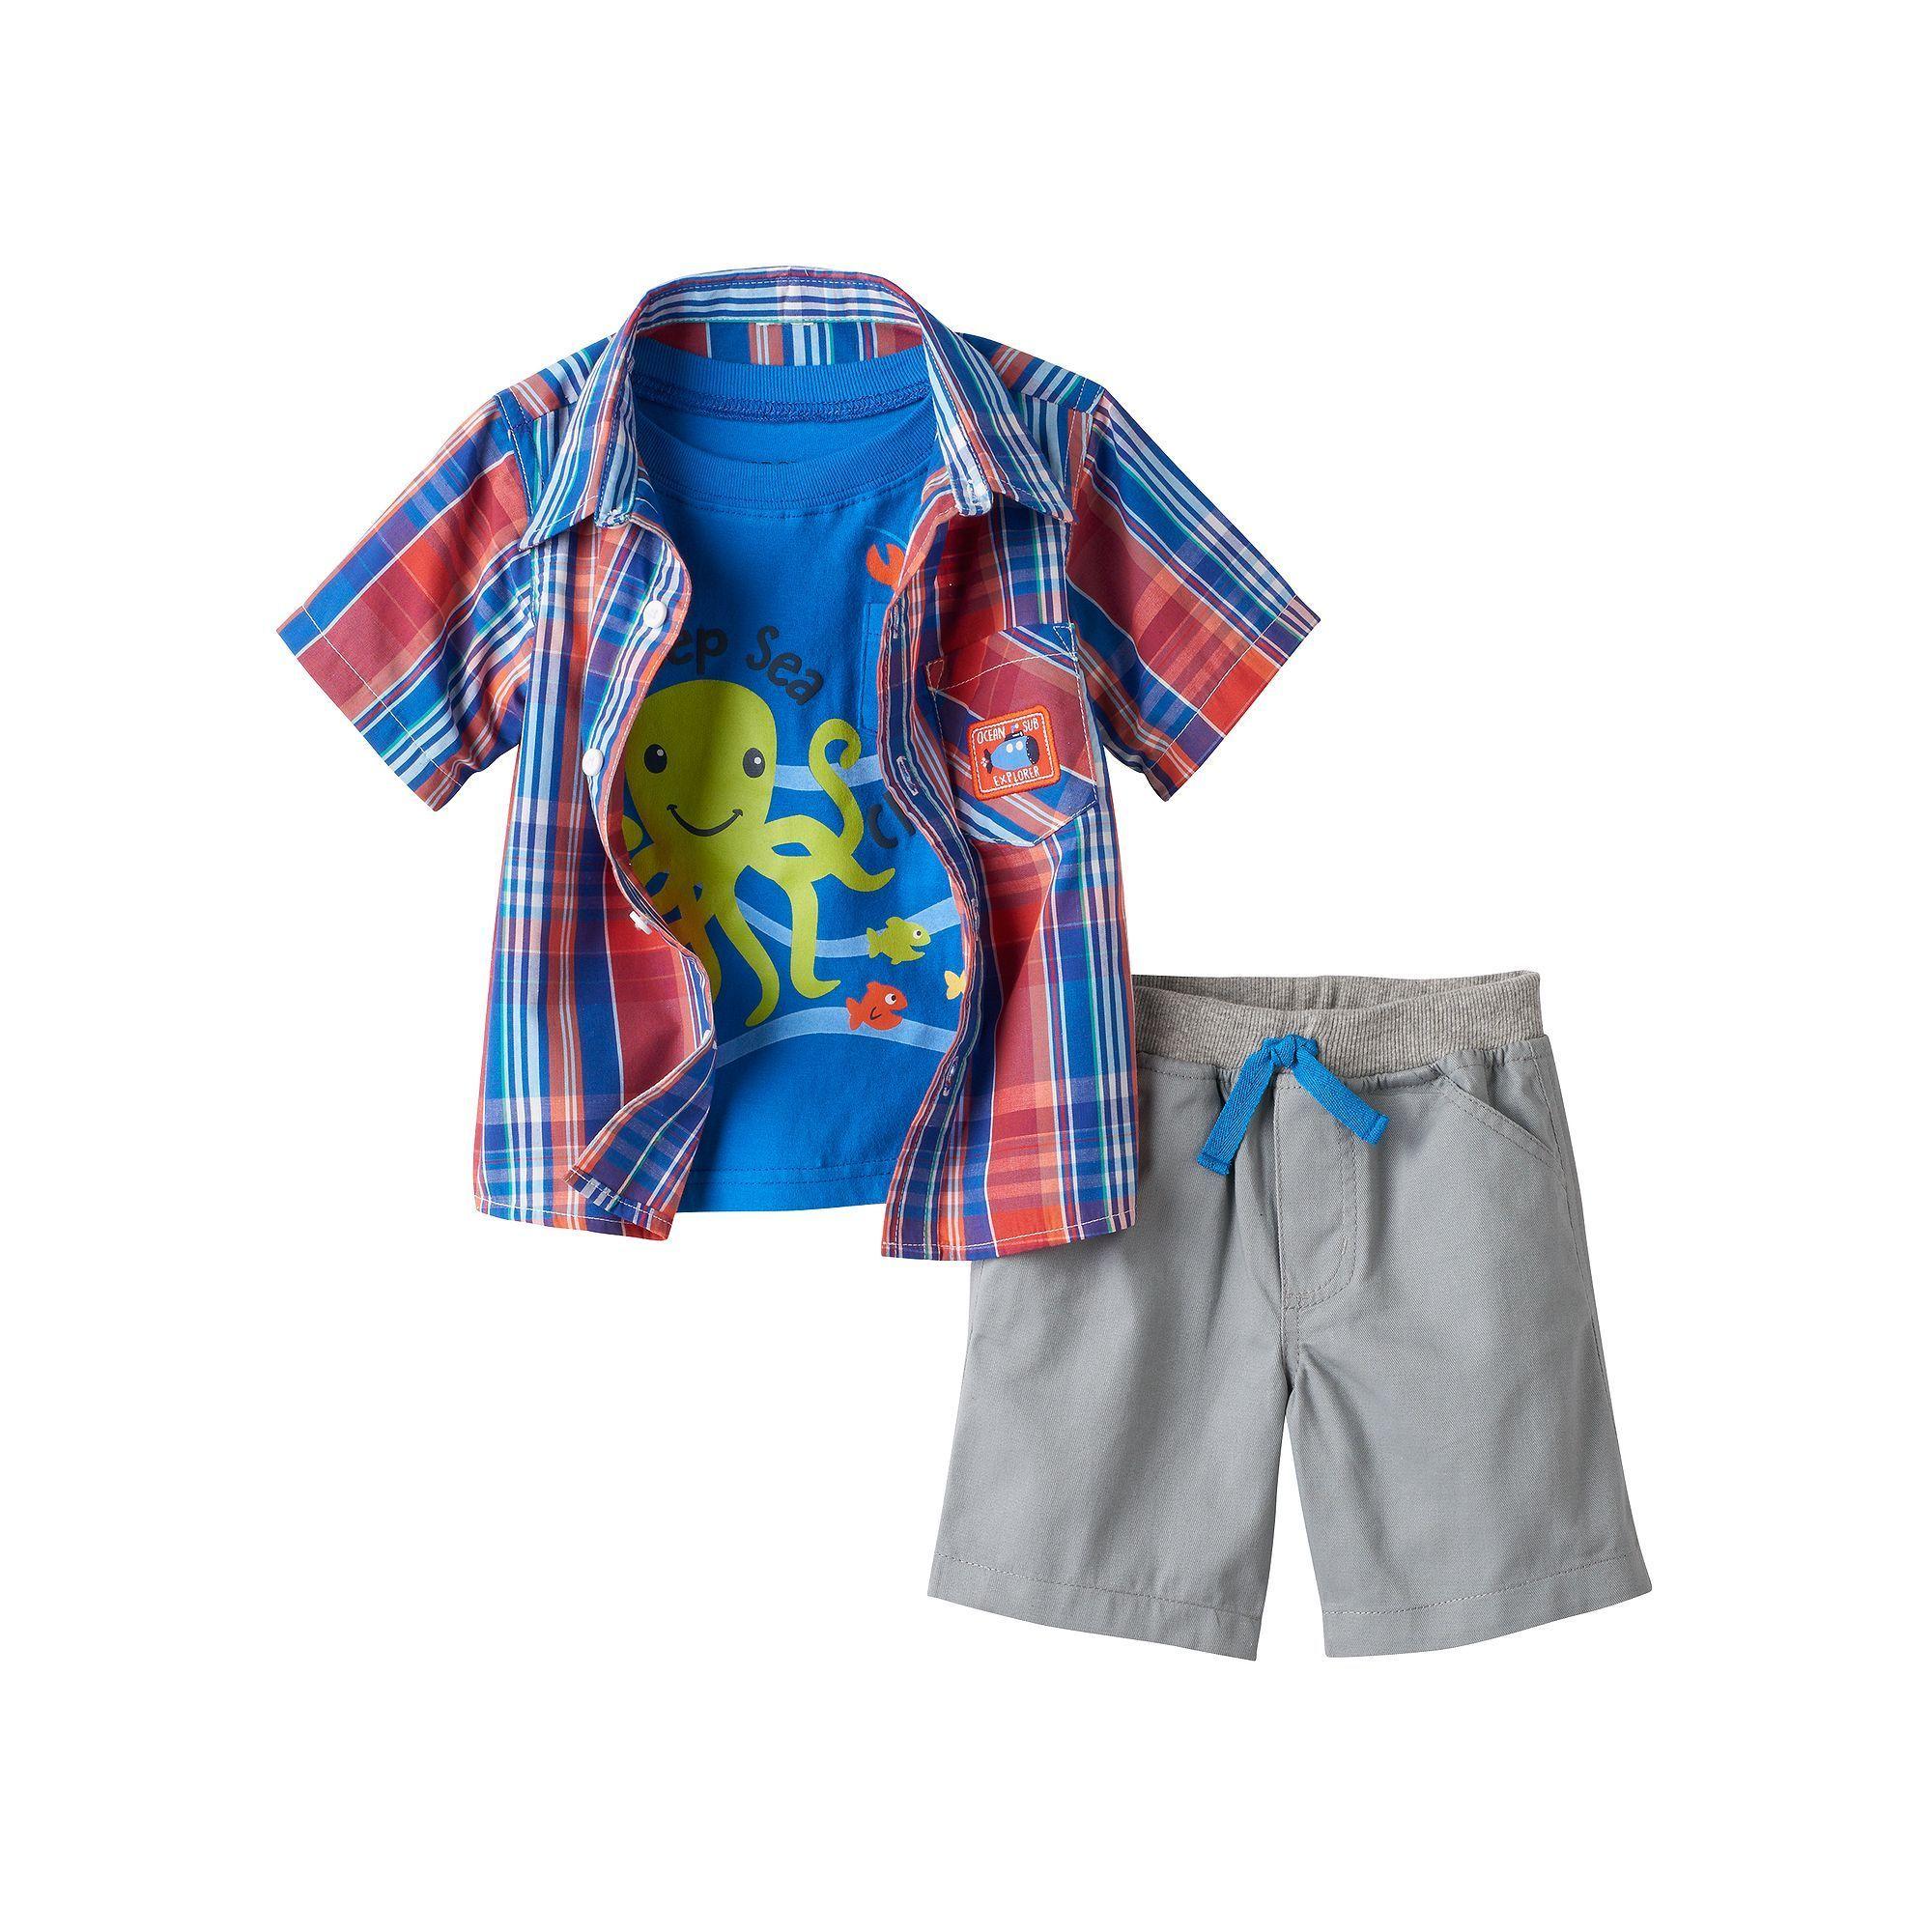 Flannel shirt for baby boy  Baby Boy Boyzwear Plaid Shirt u Shorts Set Size  Months Red